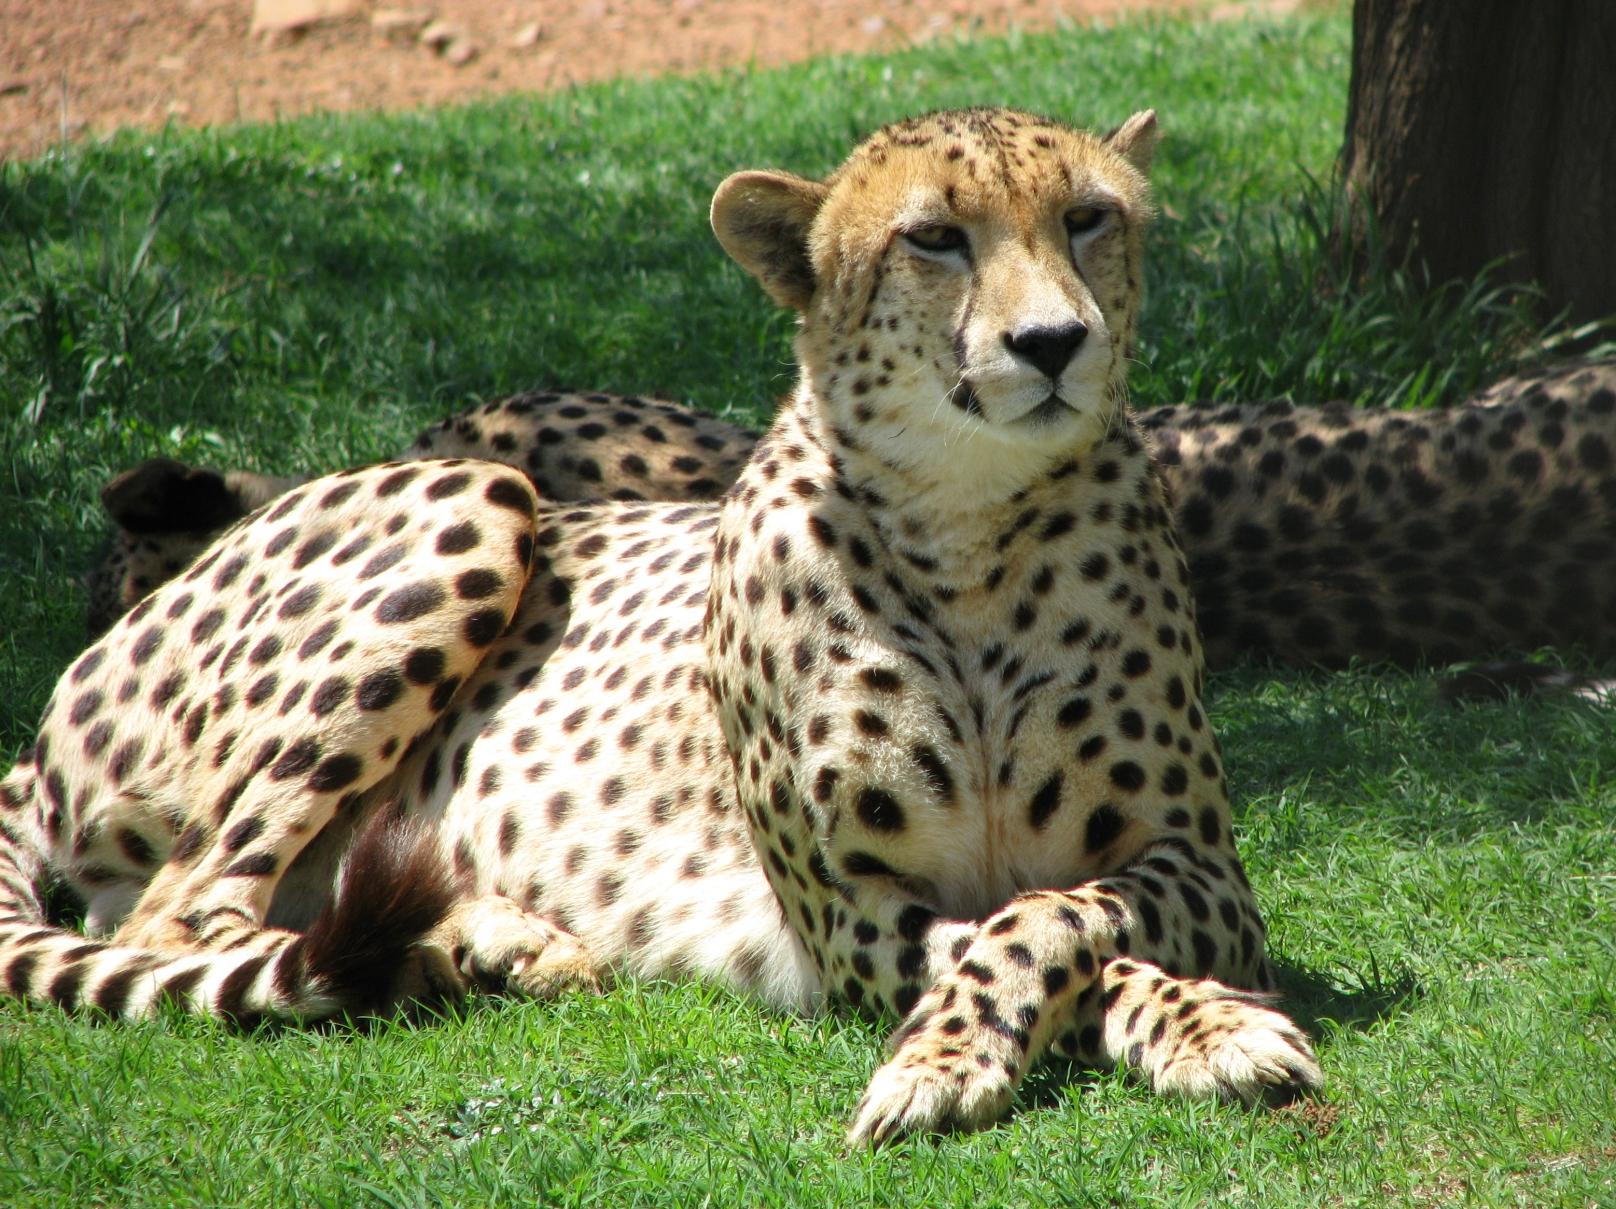 cheetah injury a rare event